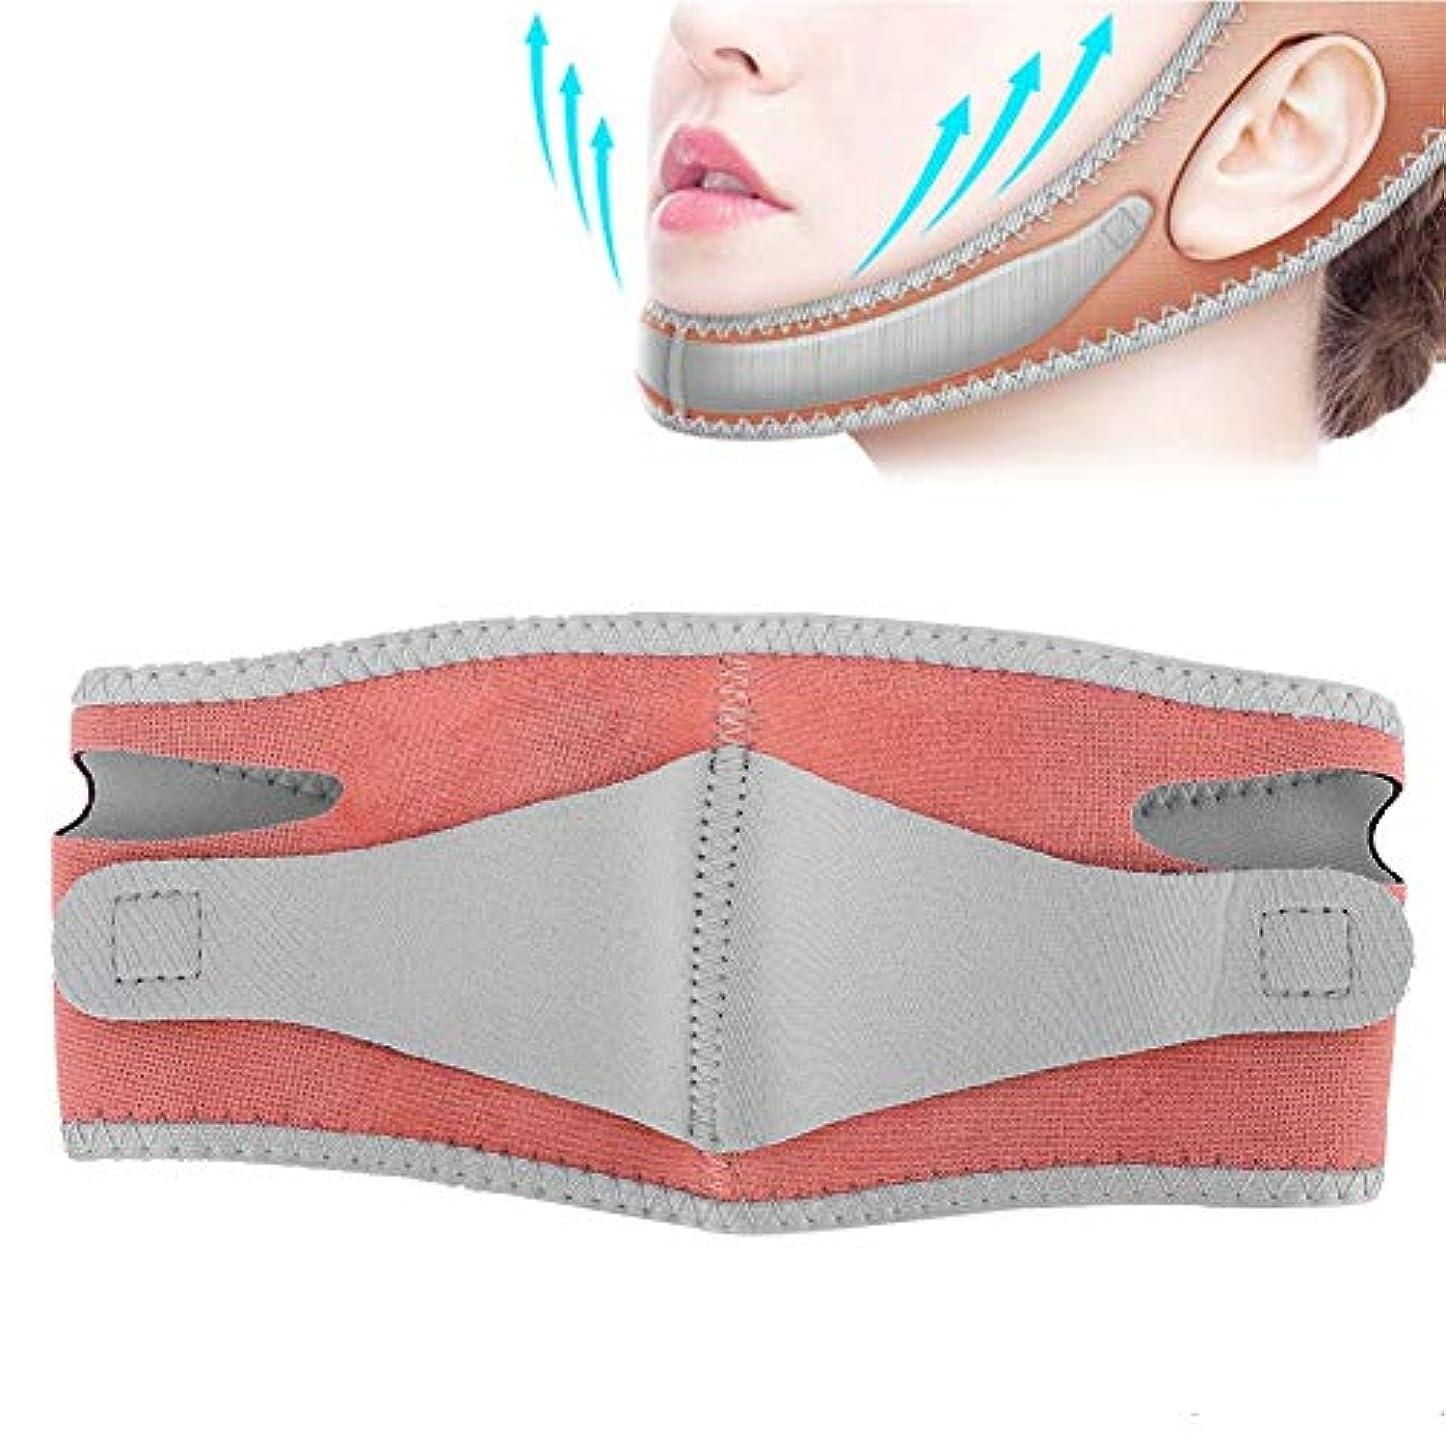 ランダム腹痛オプショナル薄い顔包帯顔、Vフェイスラインスリムダブルチンチークスリムリフトアップ引き締まった肌防止マスクあなたが顔の肌を引き締めるのに役立ちます